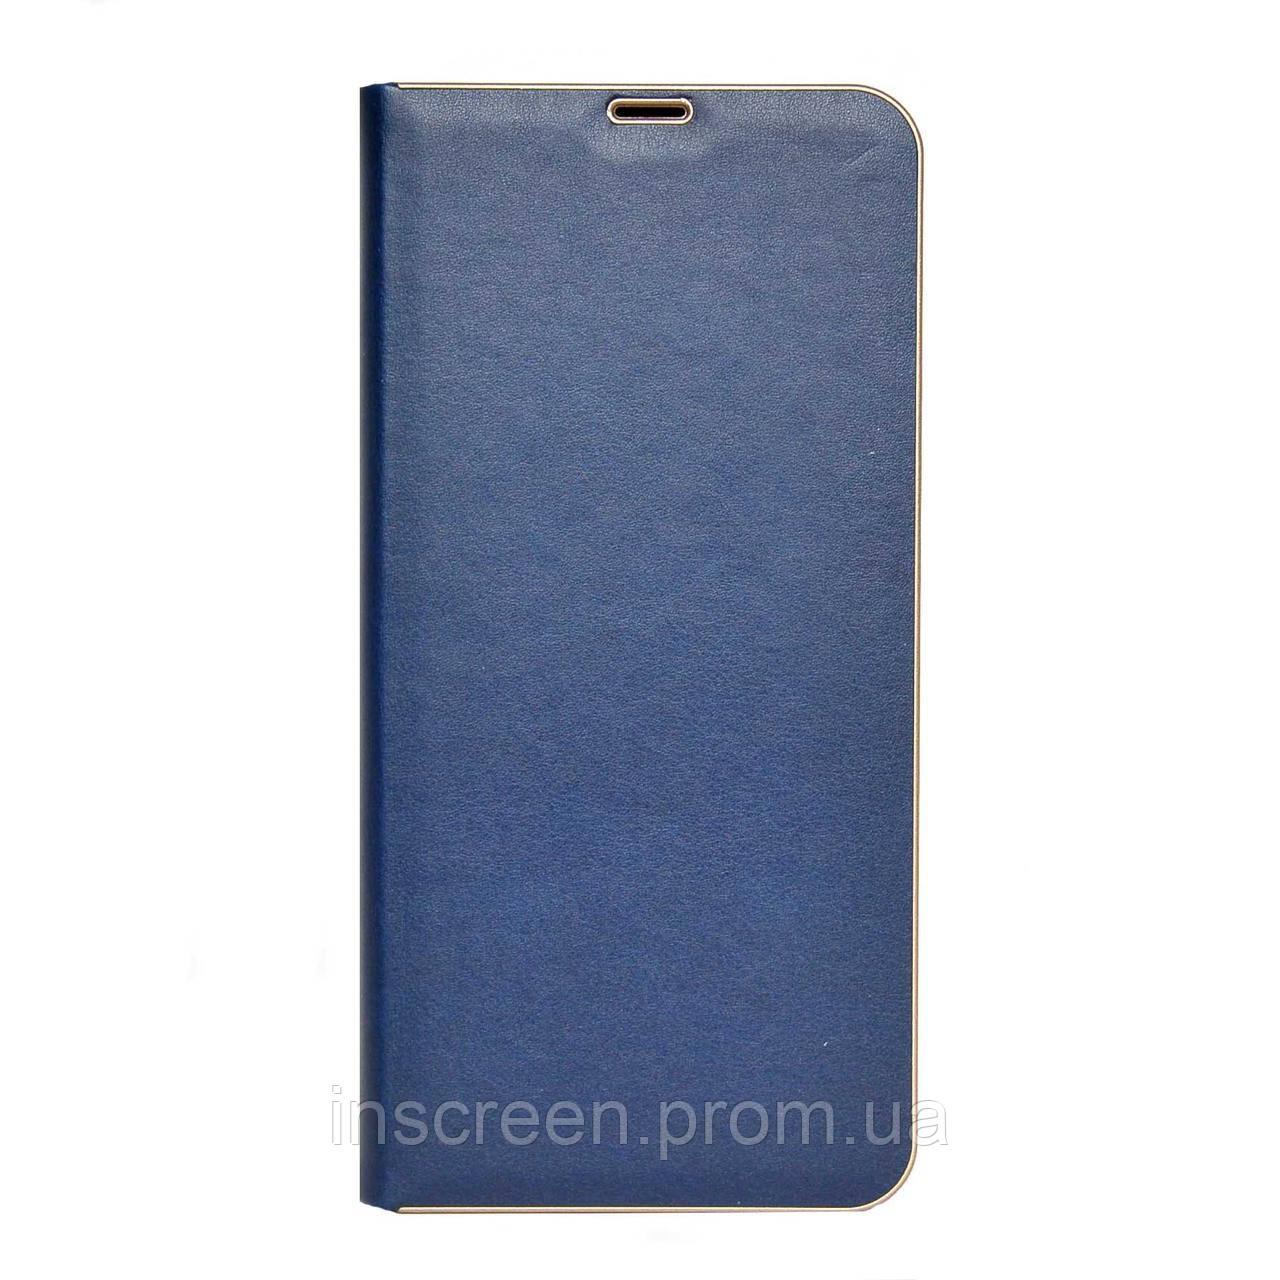 Чохол-книжка Florence TOP 2 Samsung A515F A51 (2020) під шкіру синій